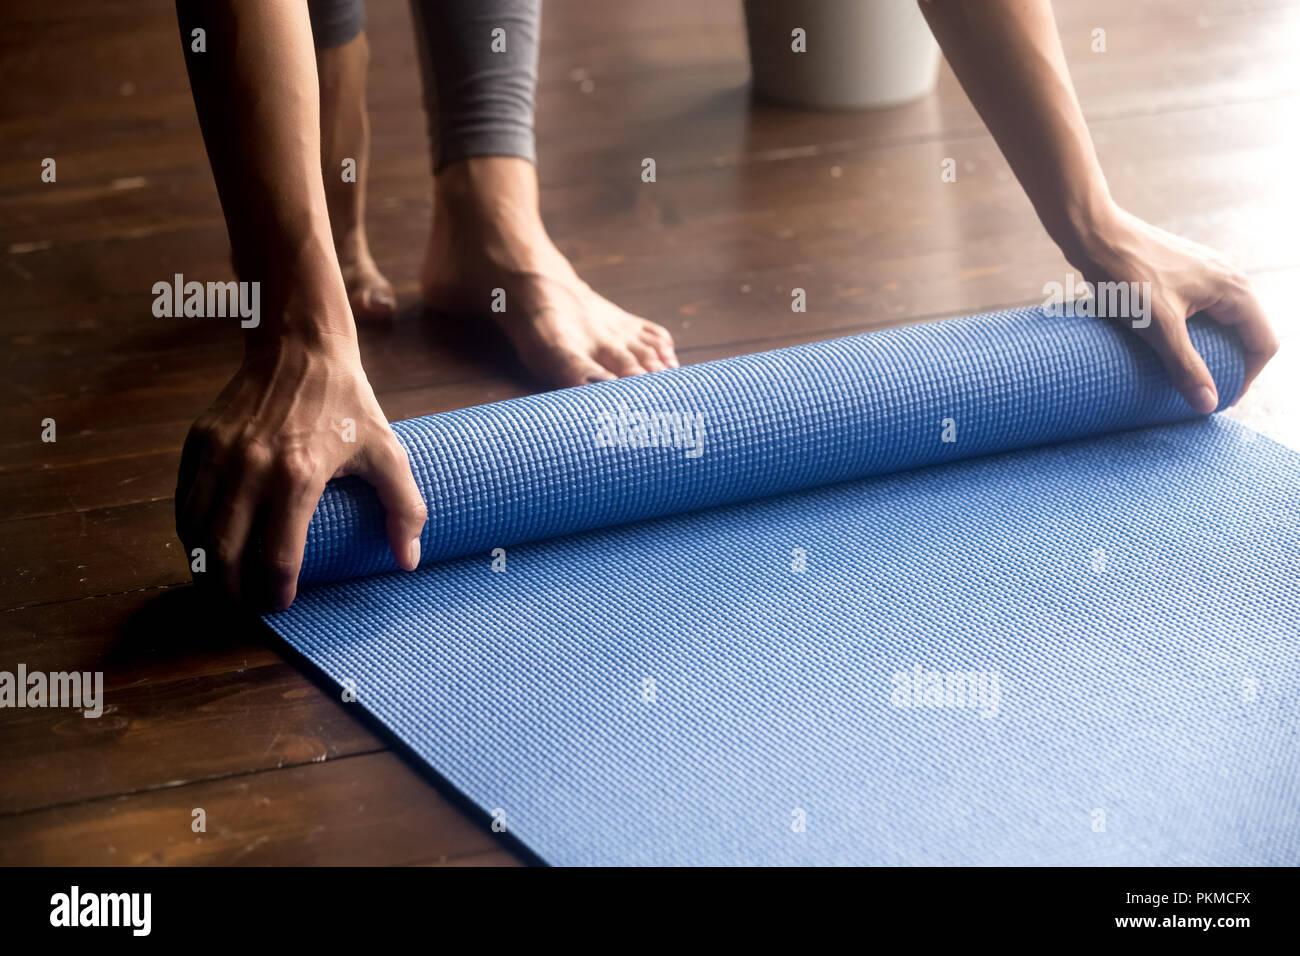 Tempo per la pratica, mani femminili blu di srotolamento materassino yoga Immagini Stock